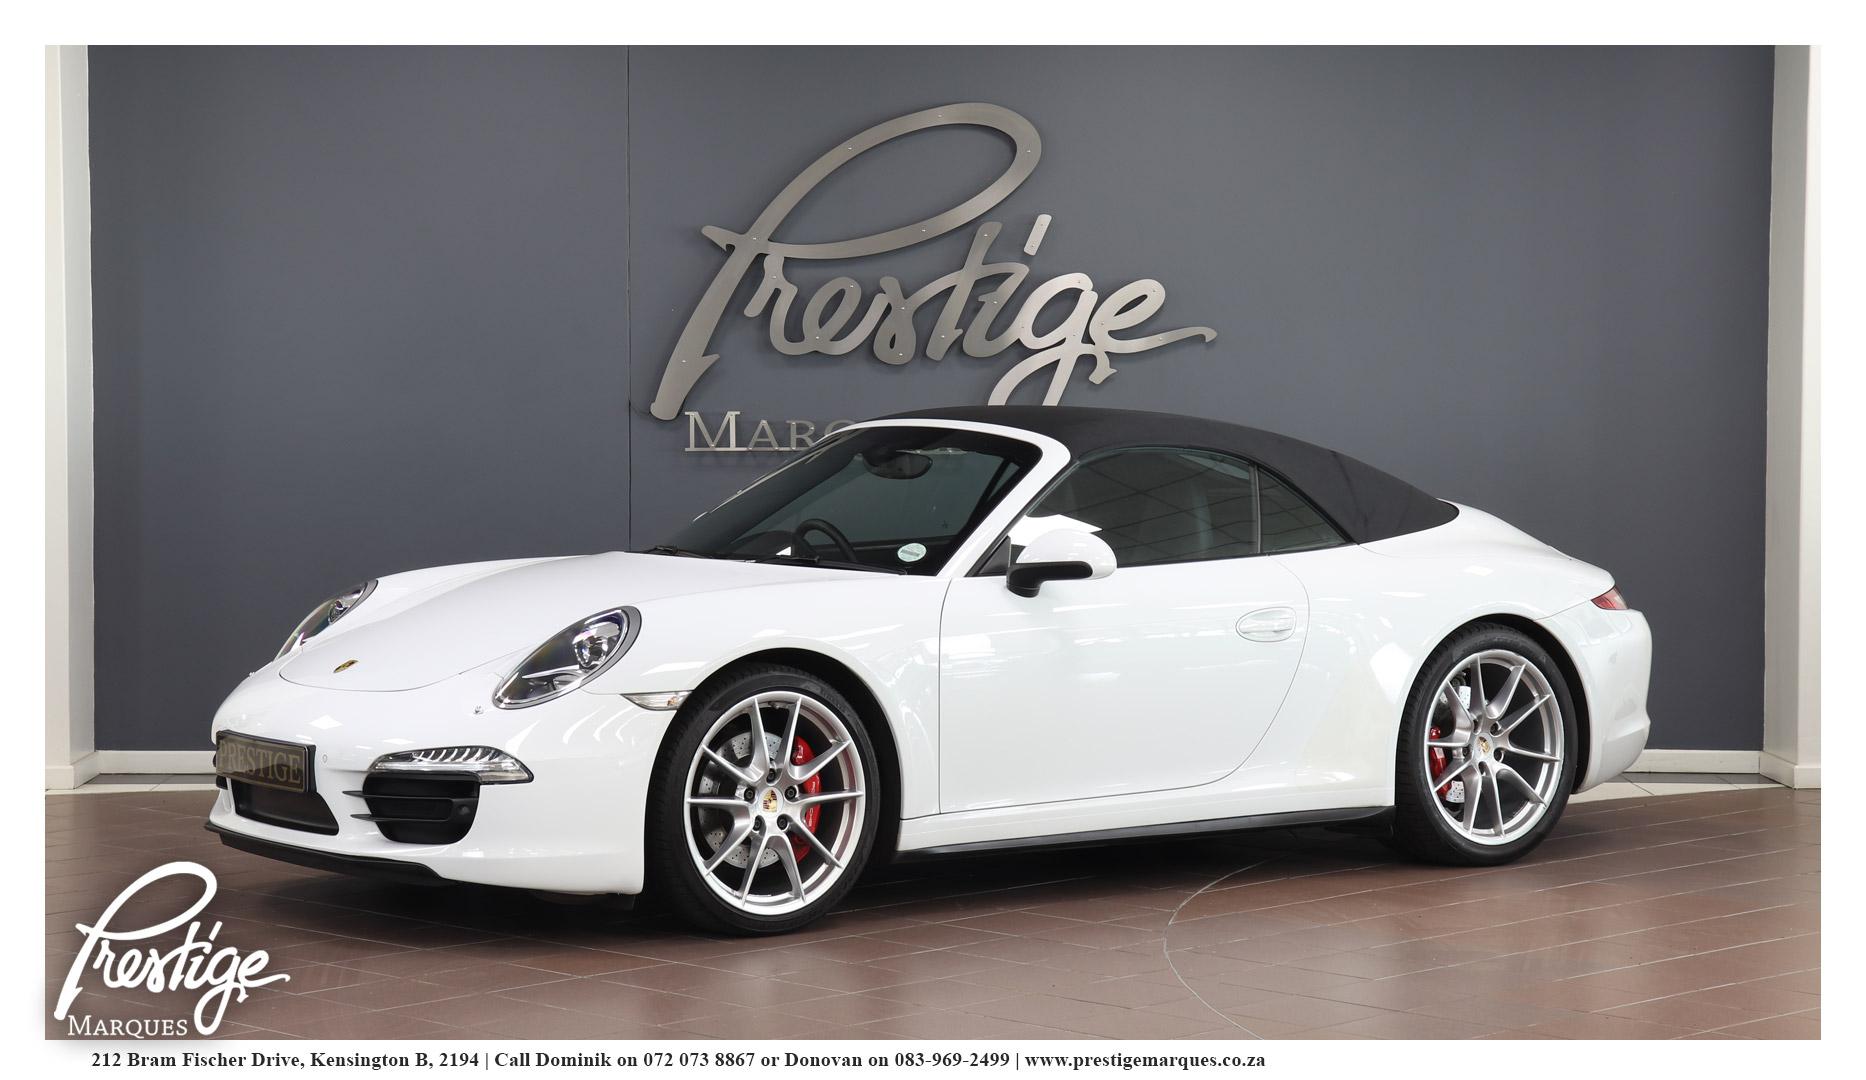 2013-Porsche-911-991-Carrera-4s-PDK-Cabriolet-Prestige-Marques-Randburg-Sandton-13